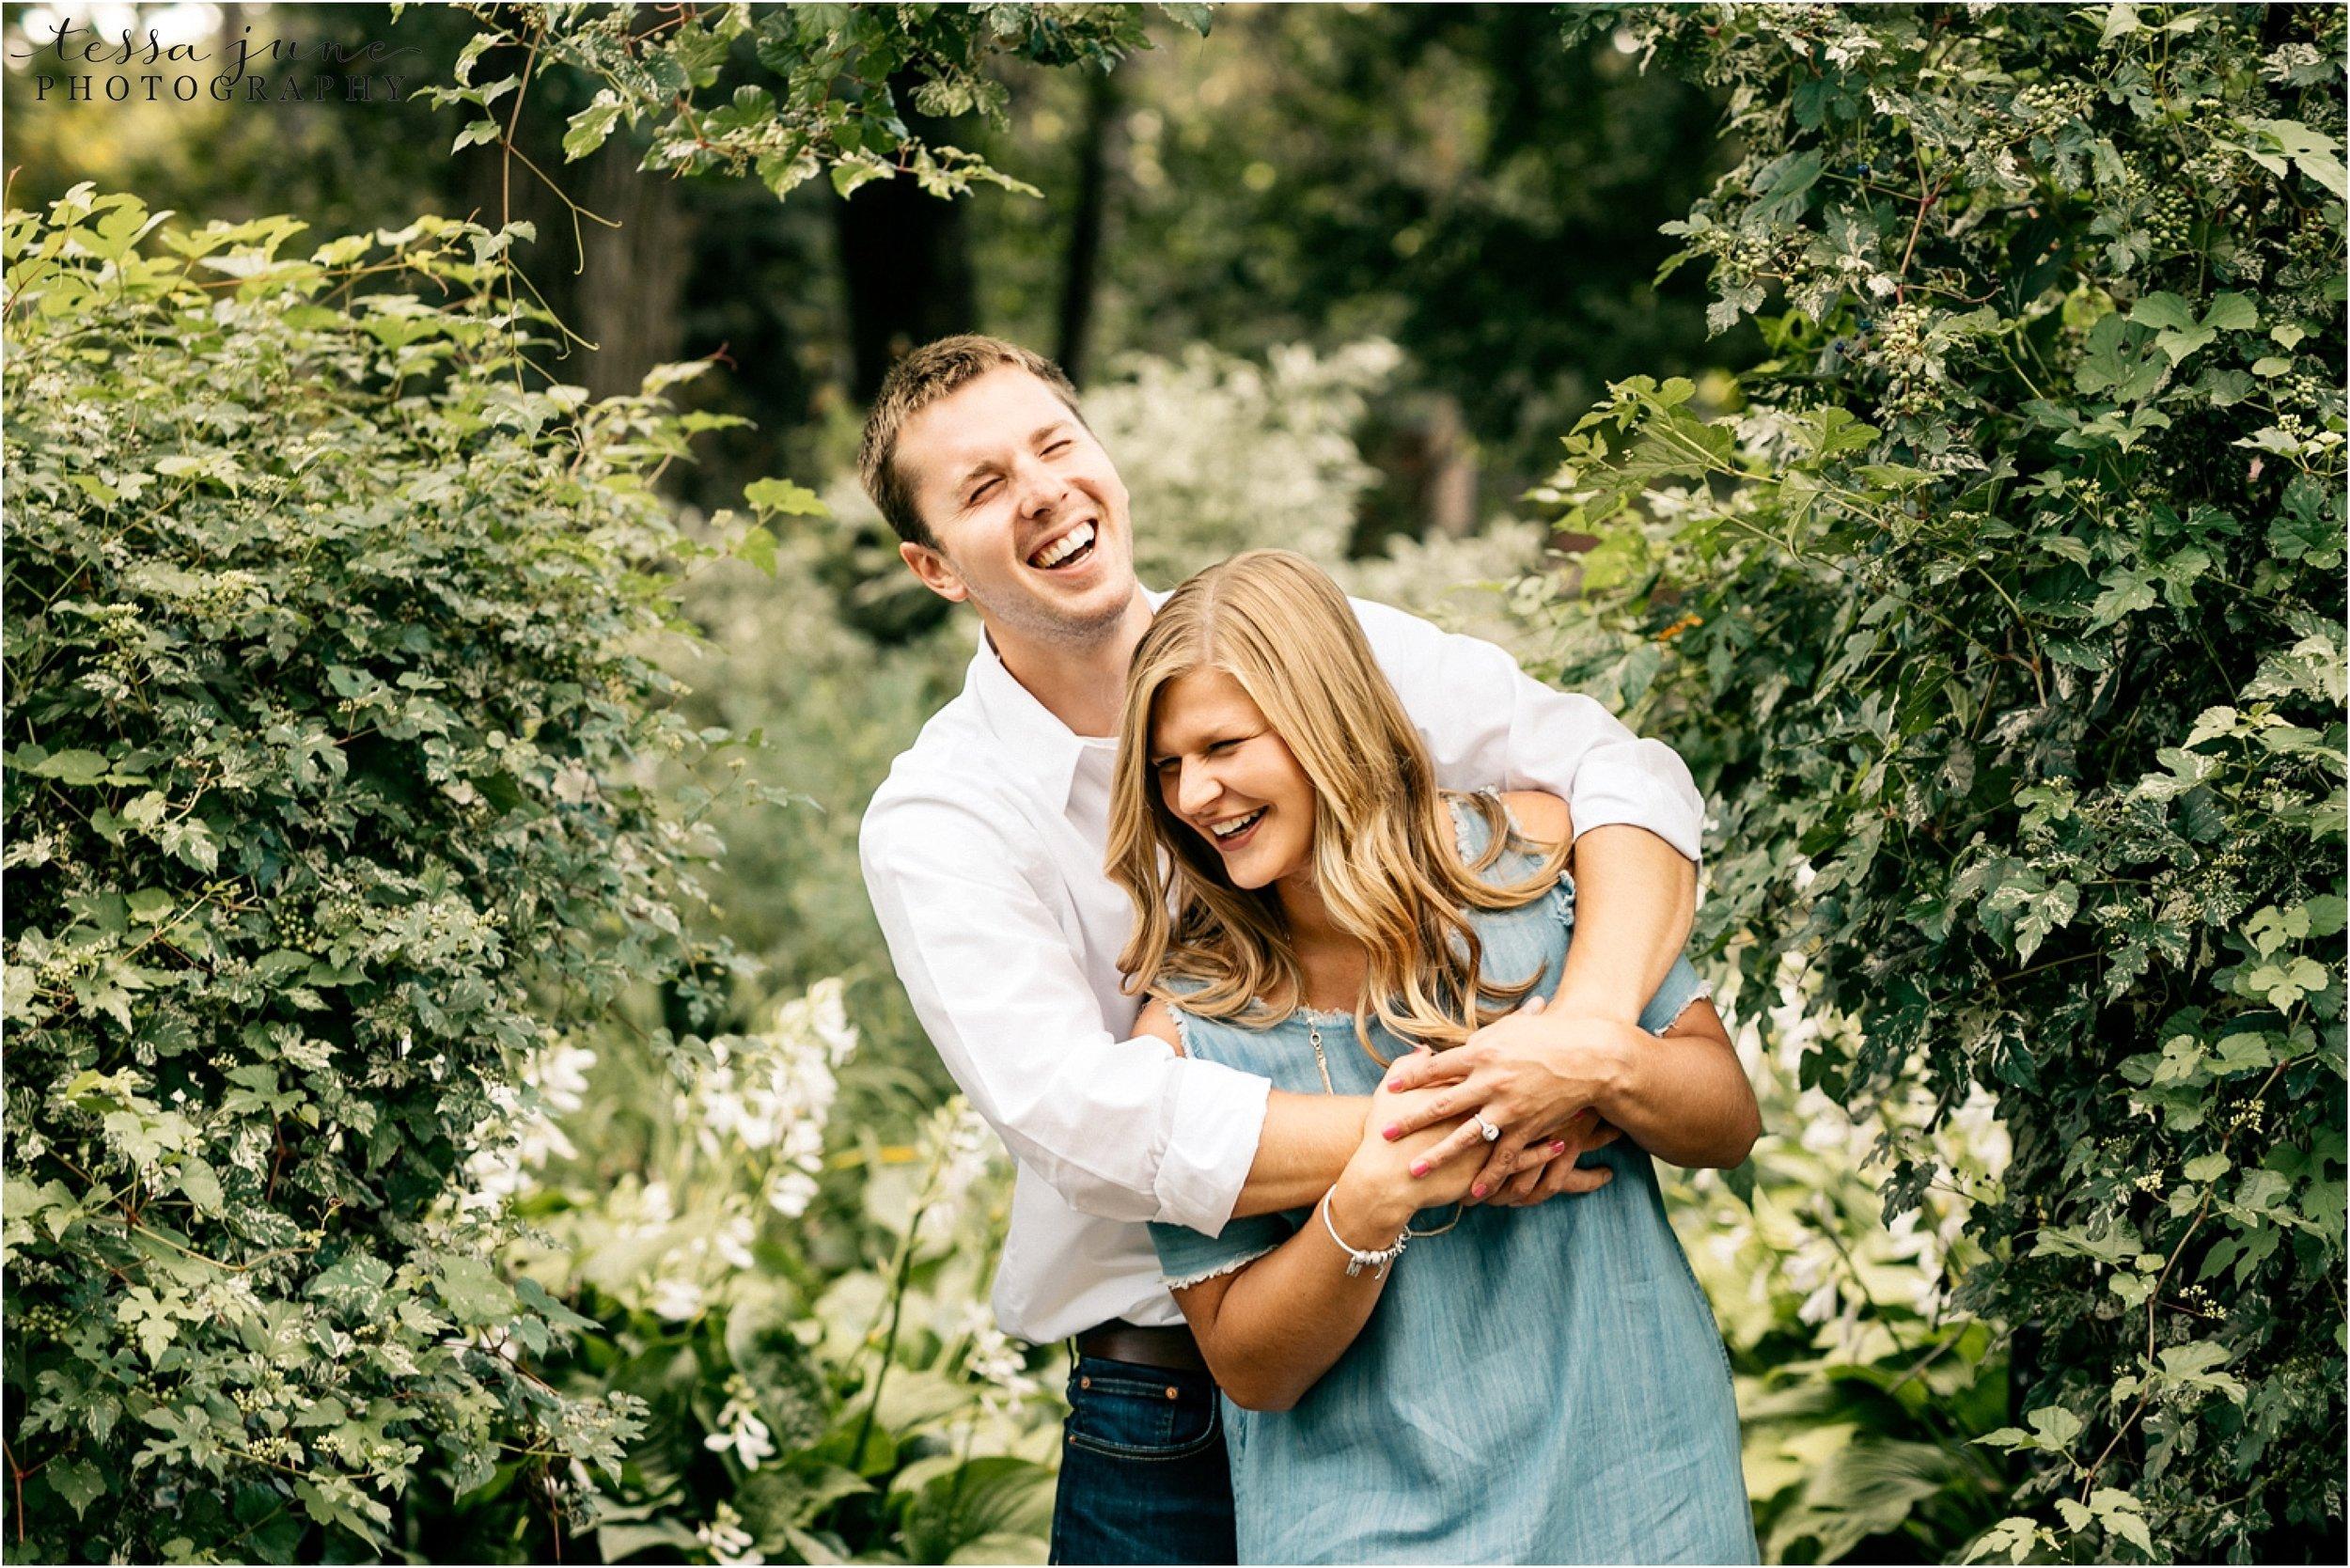 st-cloud-wedding-photographer-tessa-june-photography-munsinger-garden-engagement-6.jpg